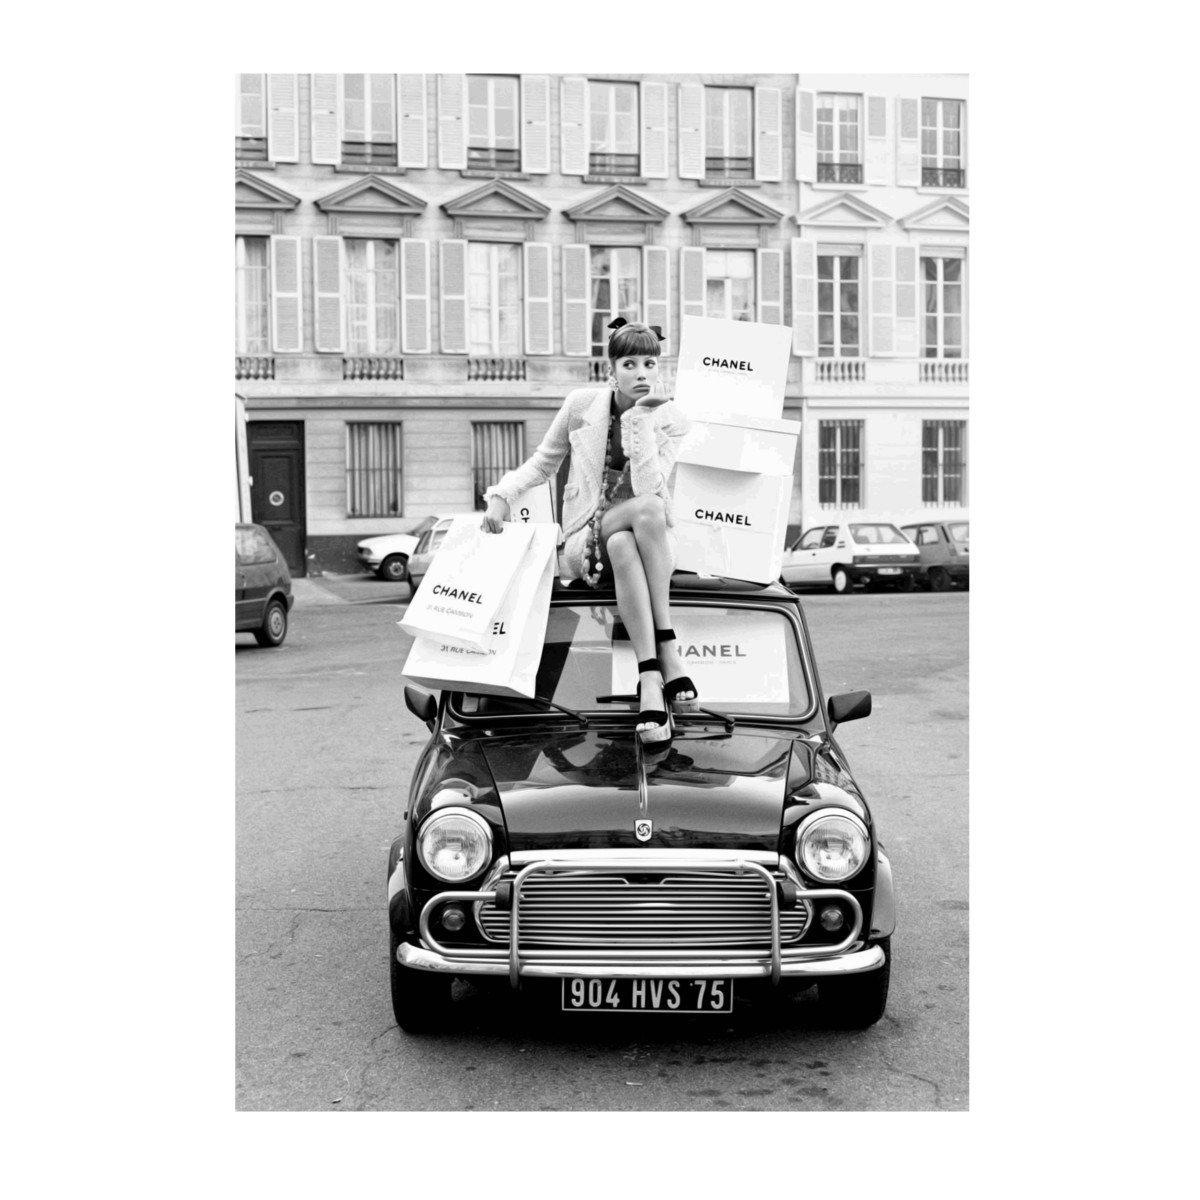 Aroma of Paris アートポスター おしゃれ インテリア 北欧 モノクロ アート #113 A2 ホワイトフレーム B079KRVL47 A2 (420 x 594mm)|ホワイトフレーム ホワイトフレーム A2 (420 x 594mm)